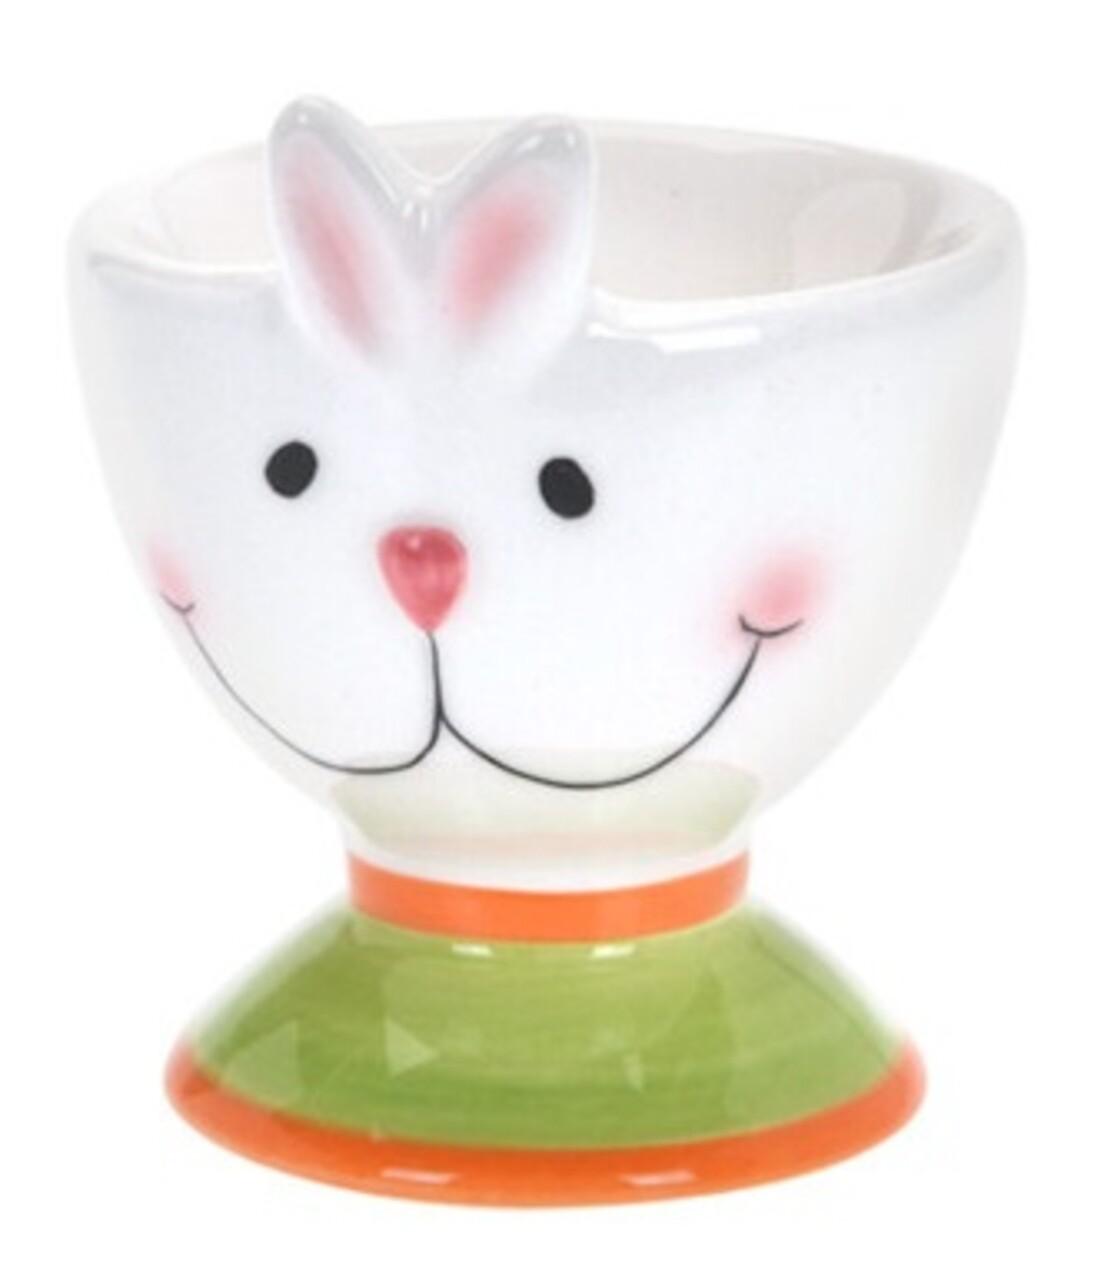 Suport pentru ou White Bunny,  6x7 cm, dolomita, multicolor